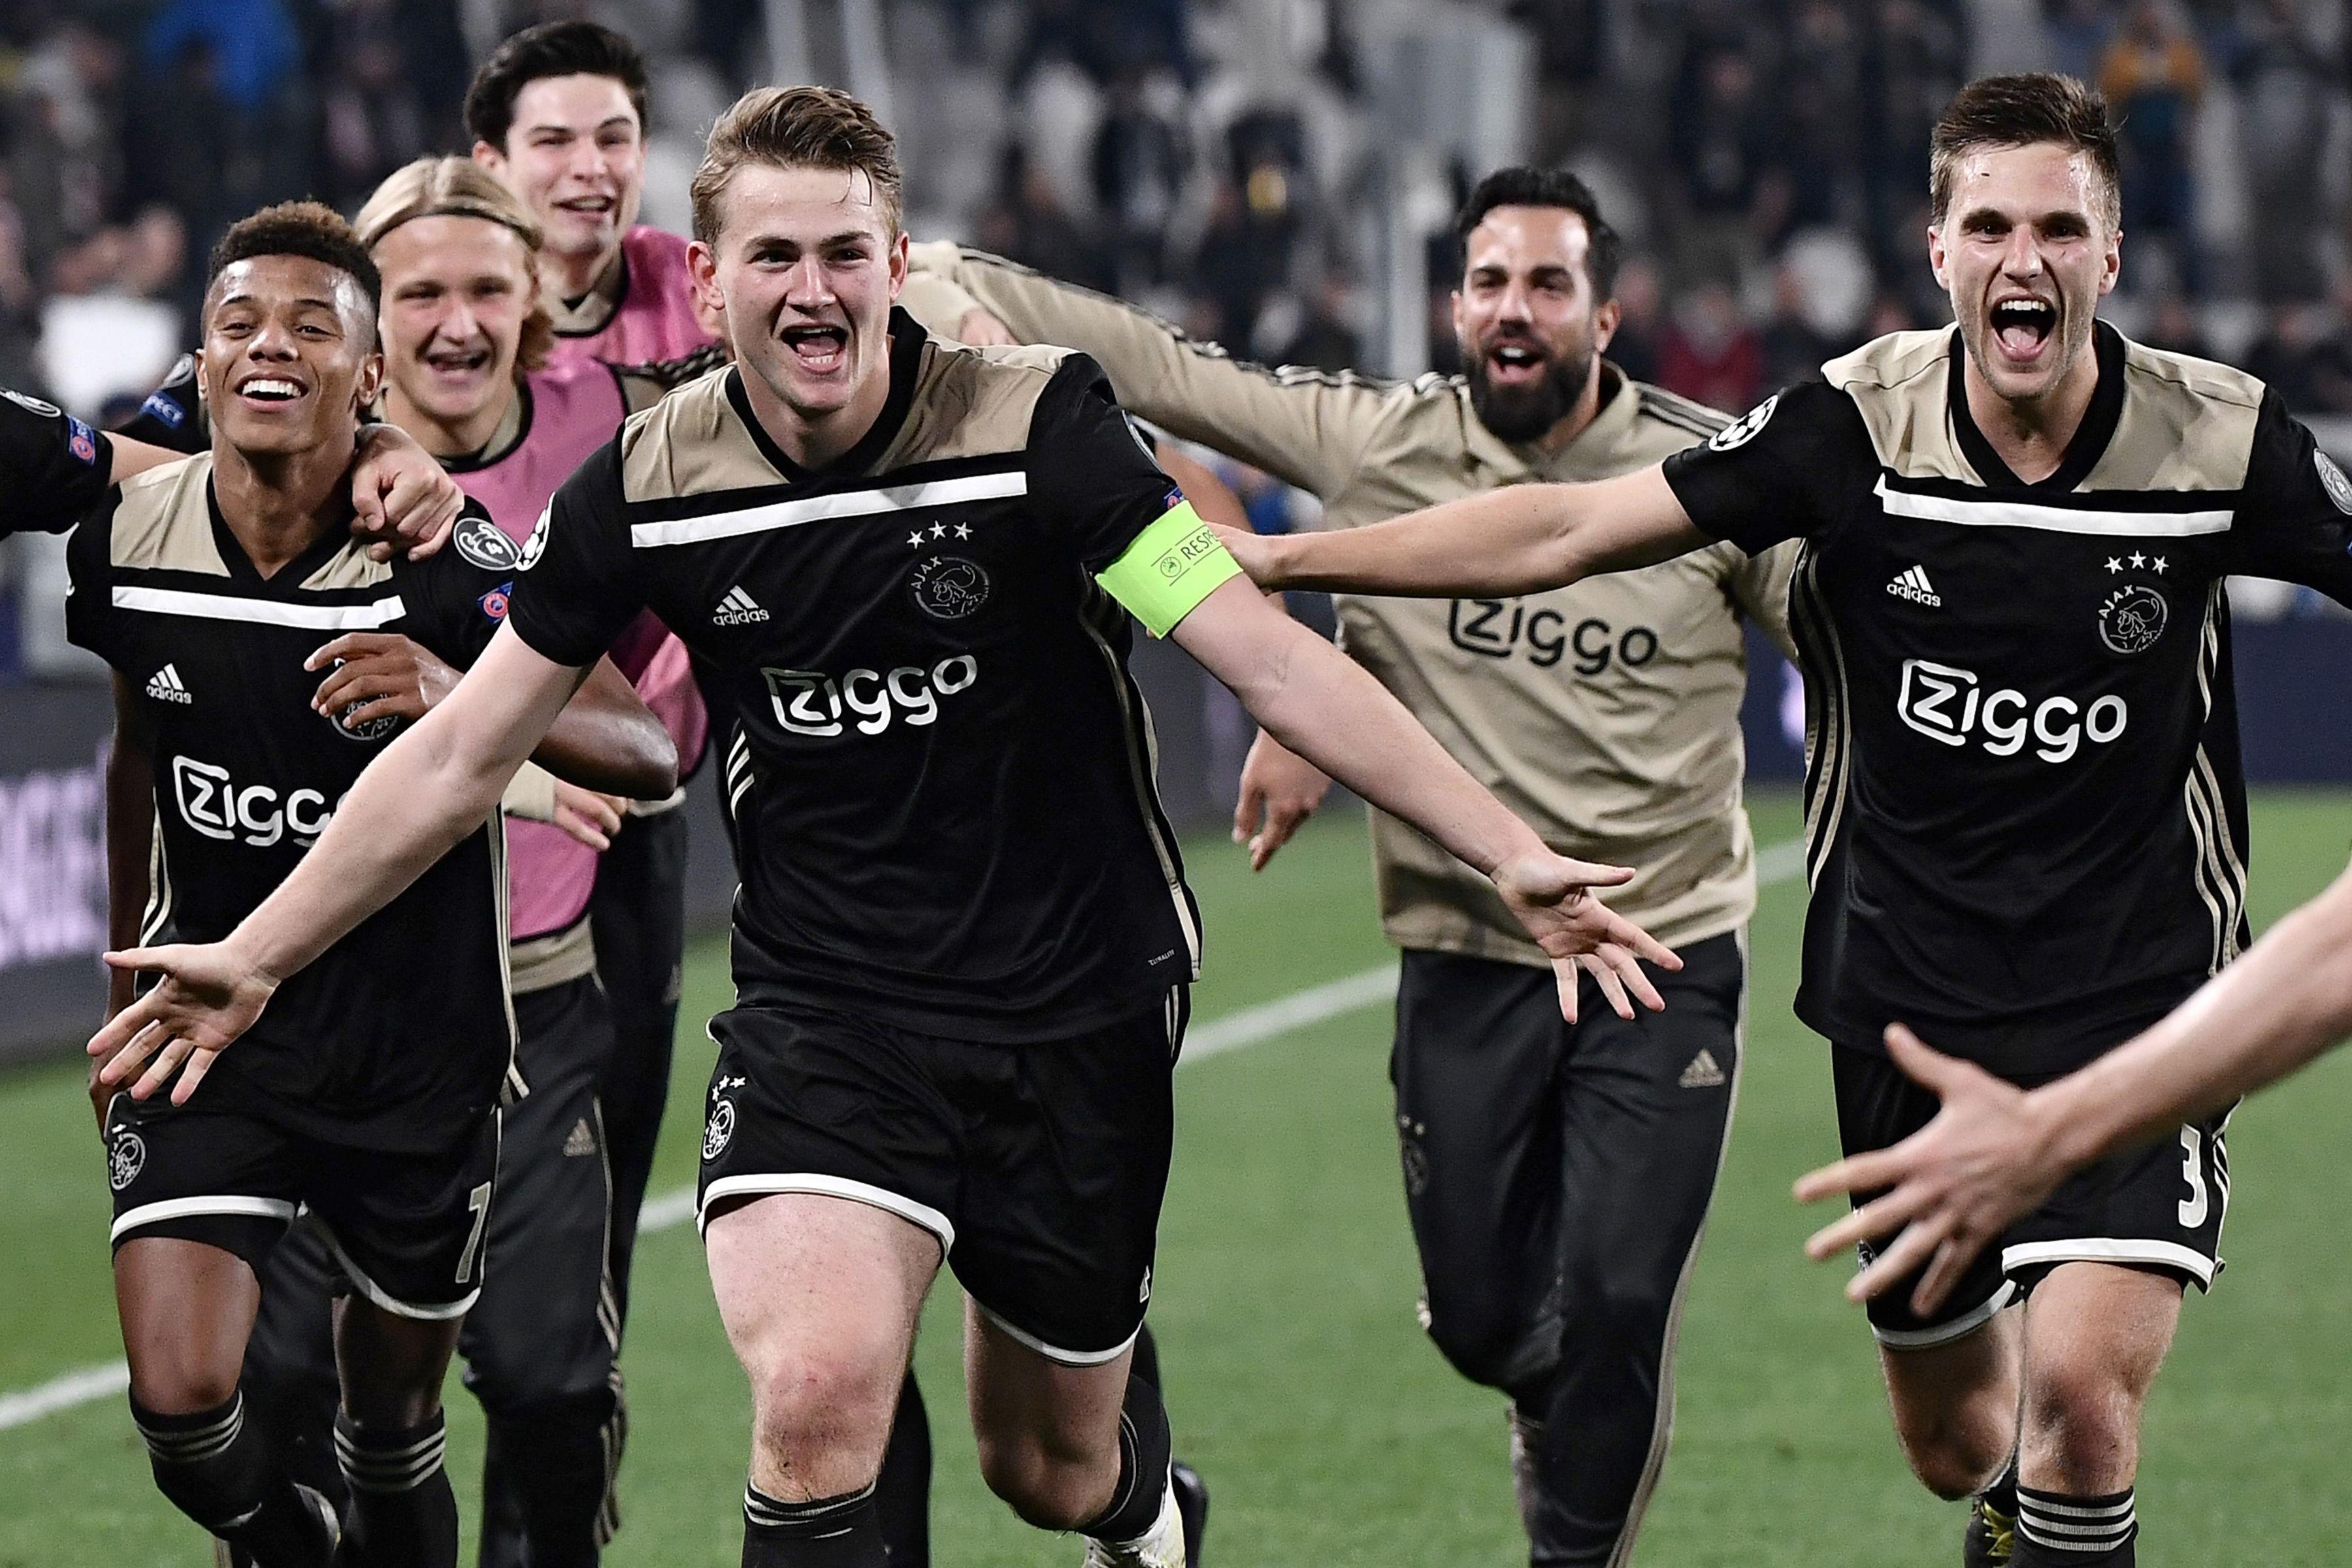 La Liga Frenkie de Jong: